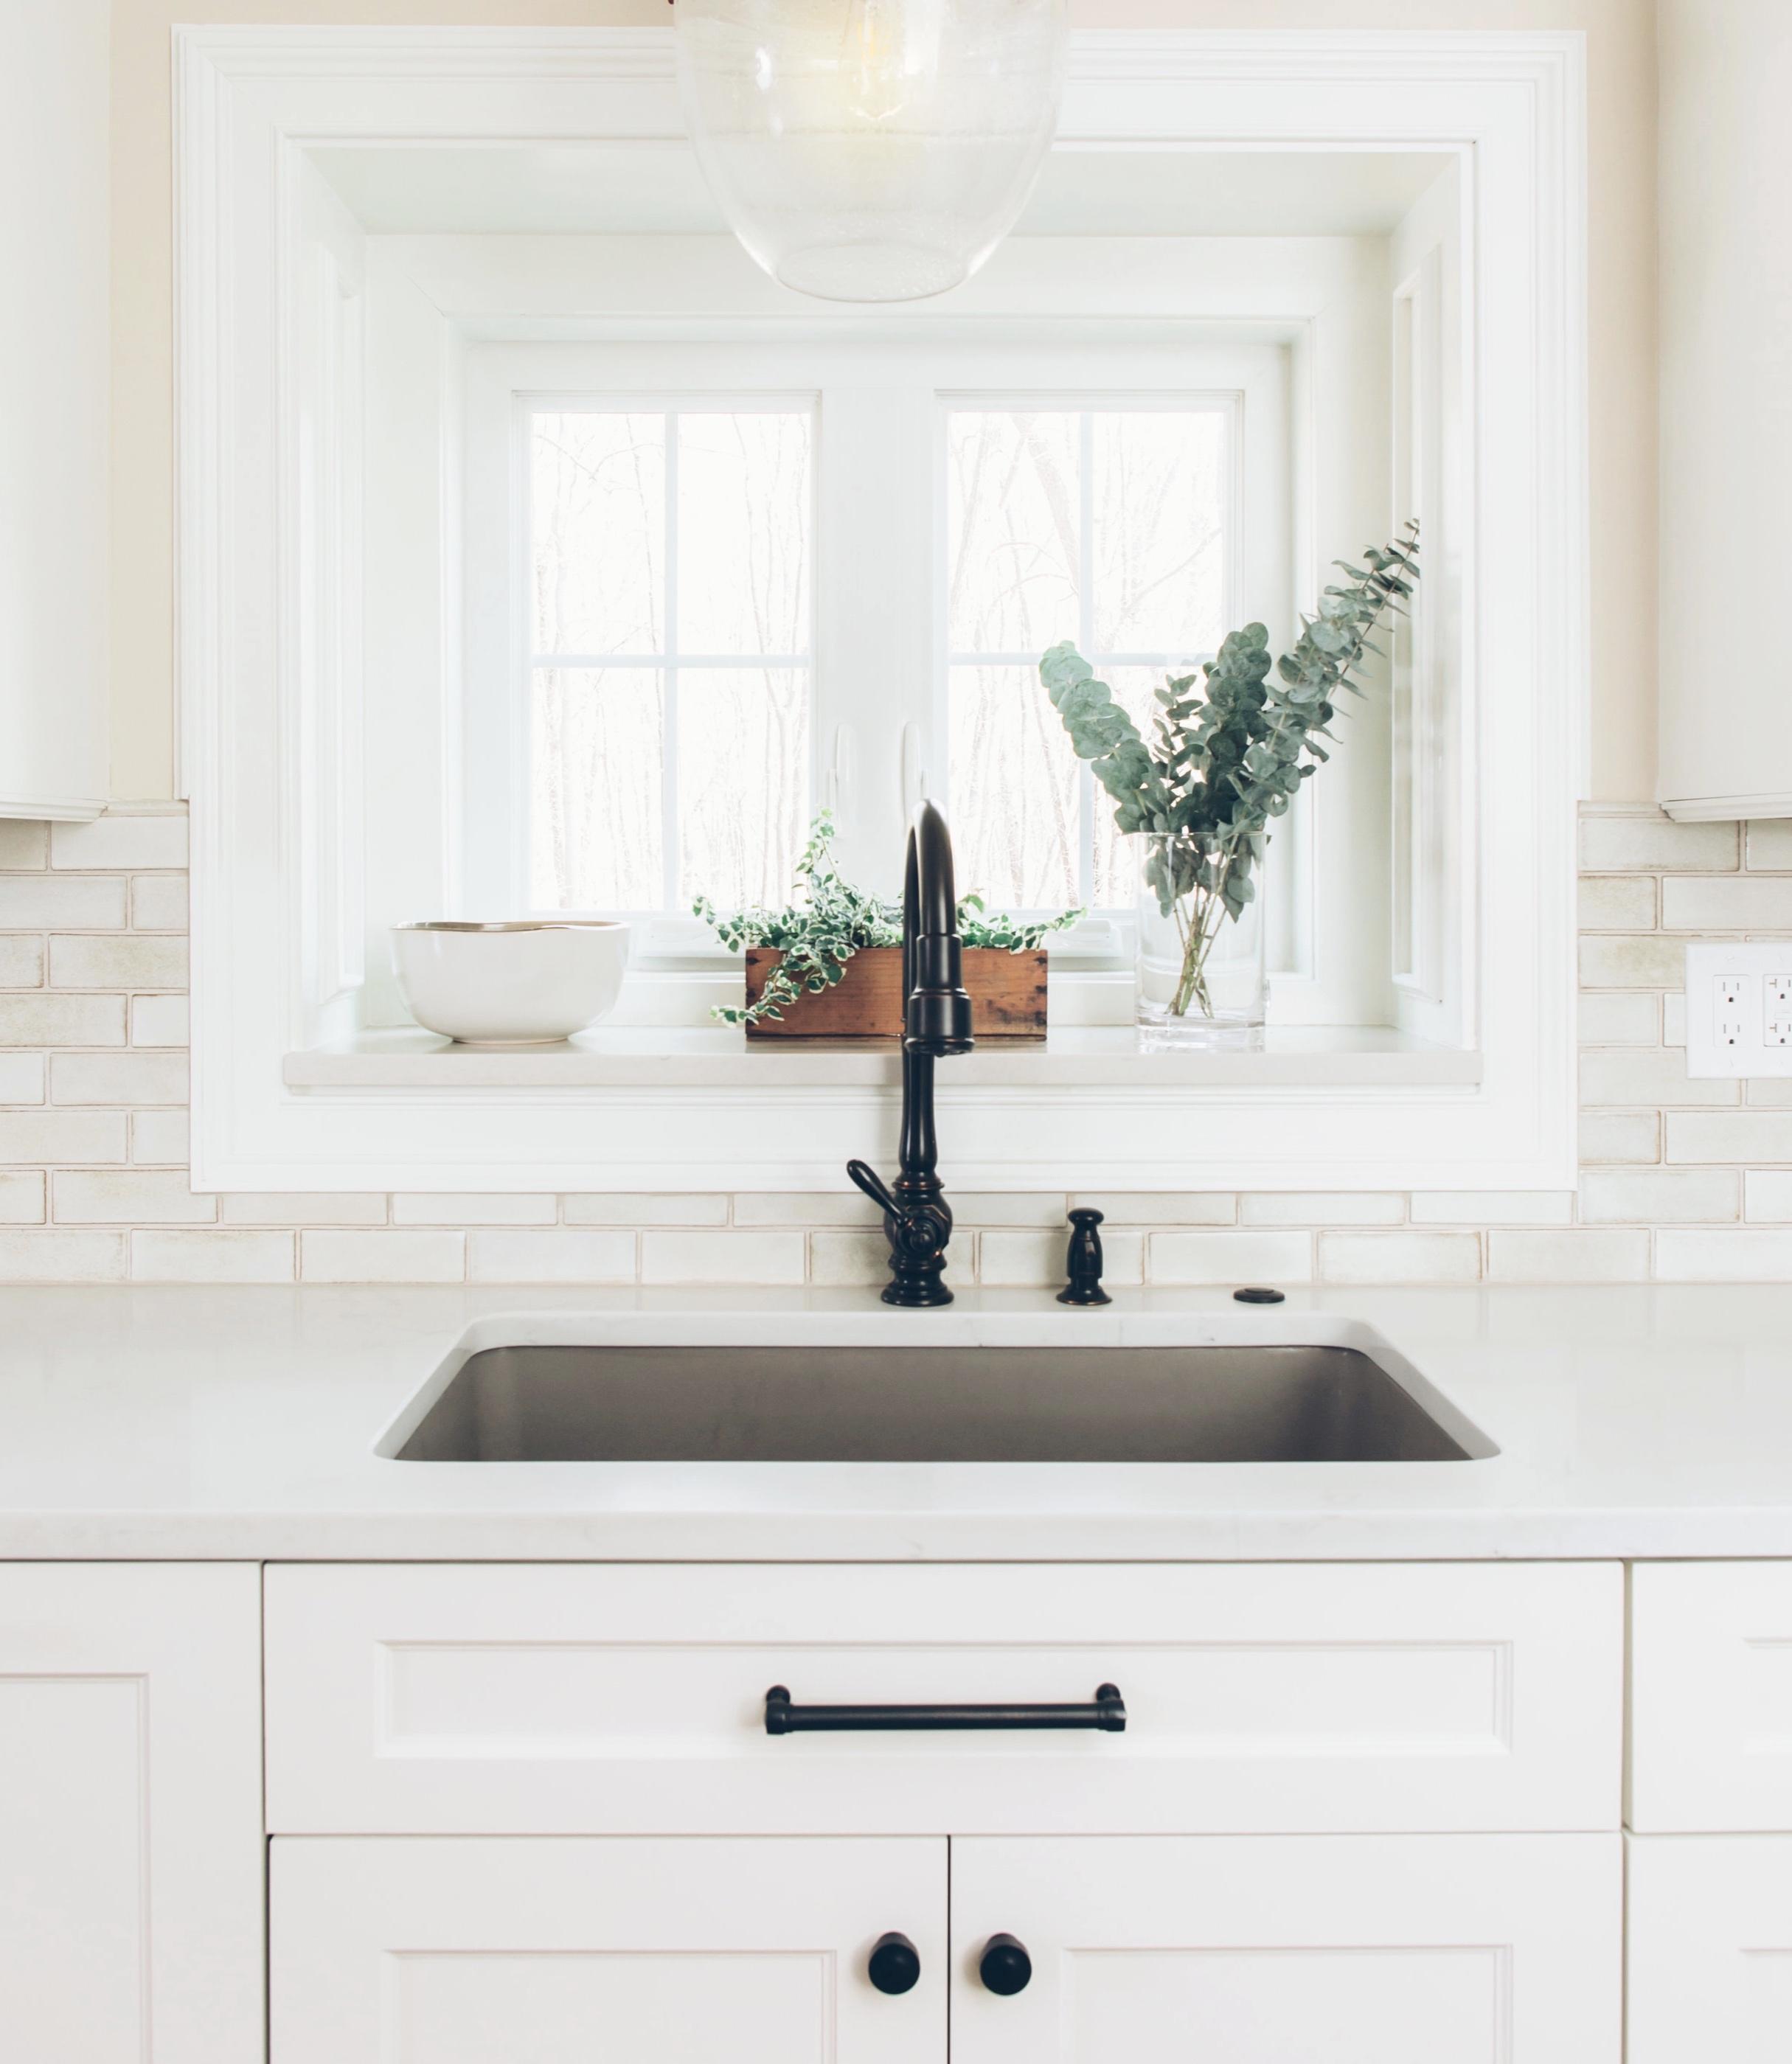 Michigan+Kitchen+Remodel+by+Interior+Designer+Design+Bar+Detroit